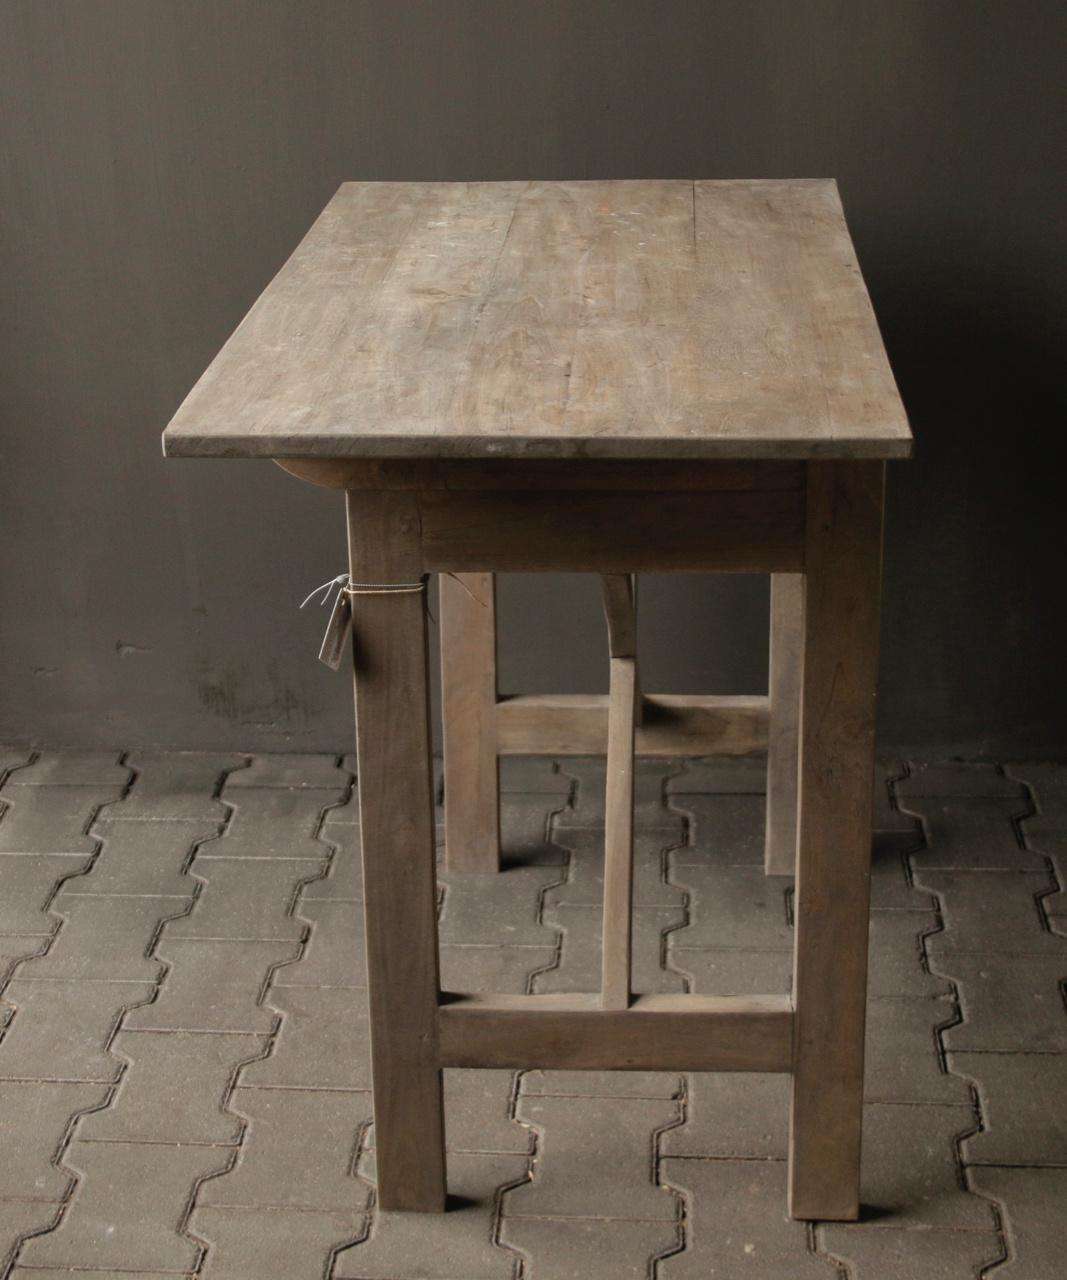 Side Table Oud Hout.Aura Peeperkorn Stoer Oud Sidetable Muurtafel Oud Hout Met Een Lade